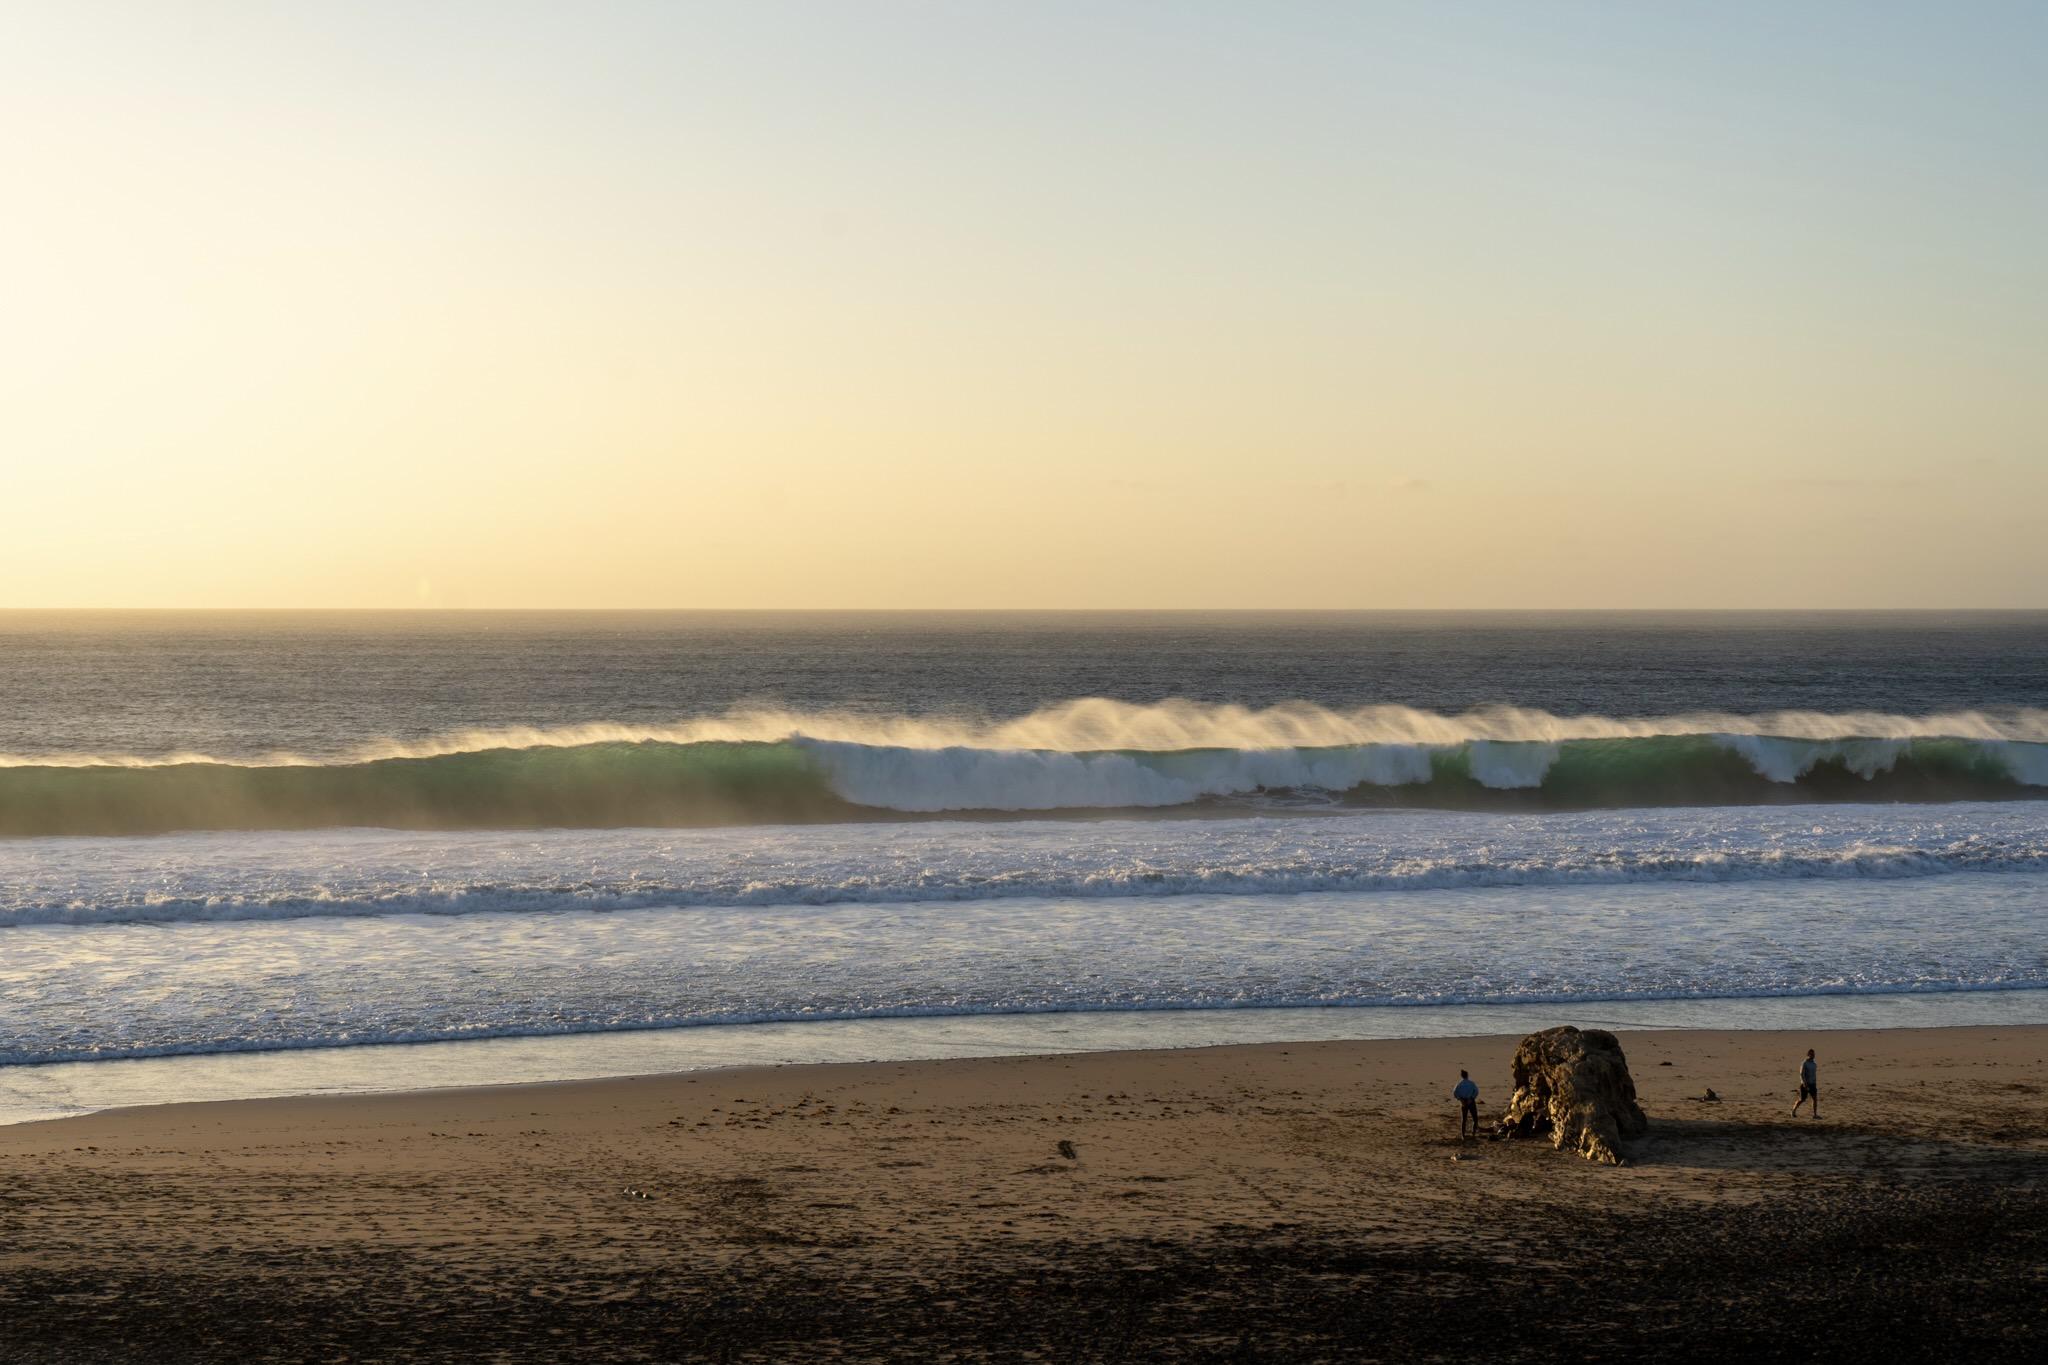 Eines der besten Reiseziele im Mai ist Fuerteventura in Spanien